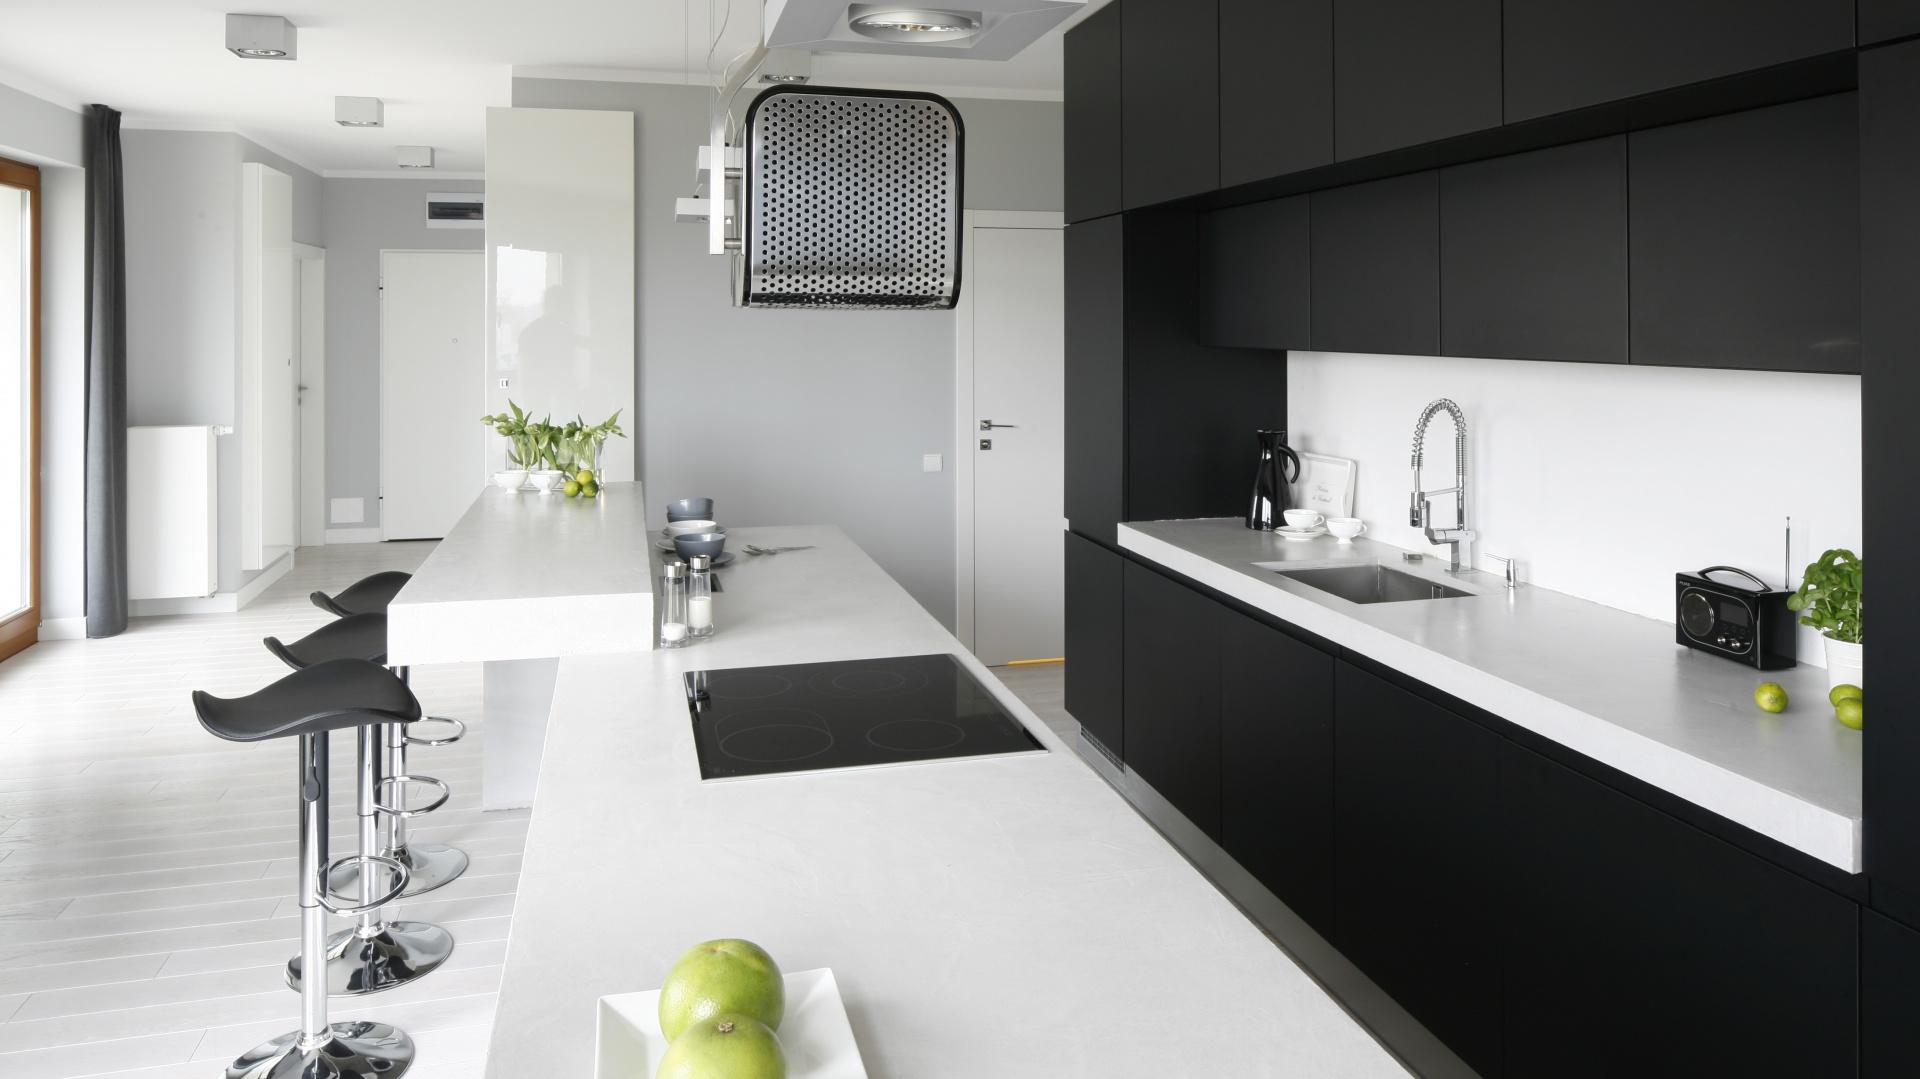 Betonowy jest również kuchenny blat. Jasnym kolorem efektownie kontrastuje z matowymi, czarnymi frontami zabudowy kuchennej. Projekt: Maciejka Peszyńska-Drews. Fot. Bartosz Jarosz.